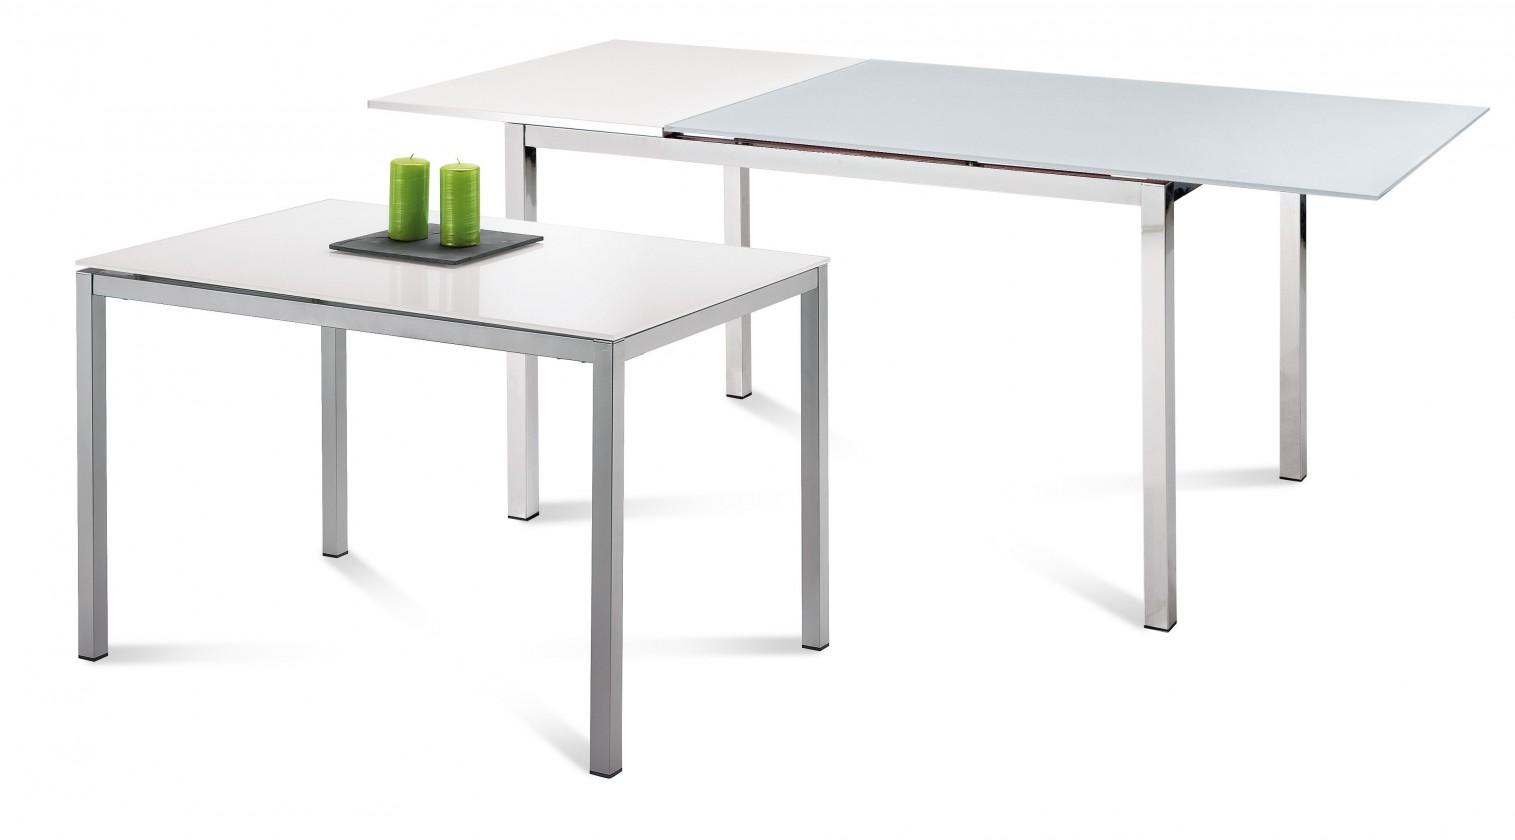 Kuchyně, jídelny ZLEVNĚNO Full - Jídelní stůl (saténový hliník, bílá matná)